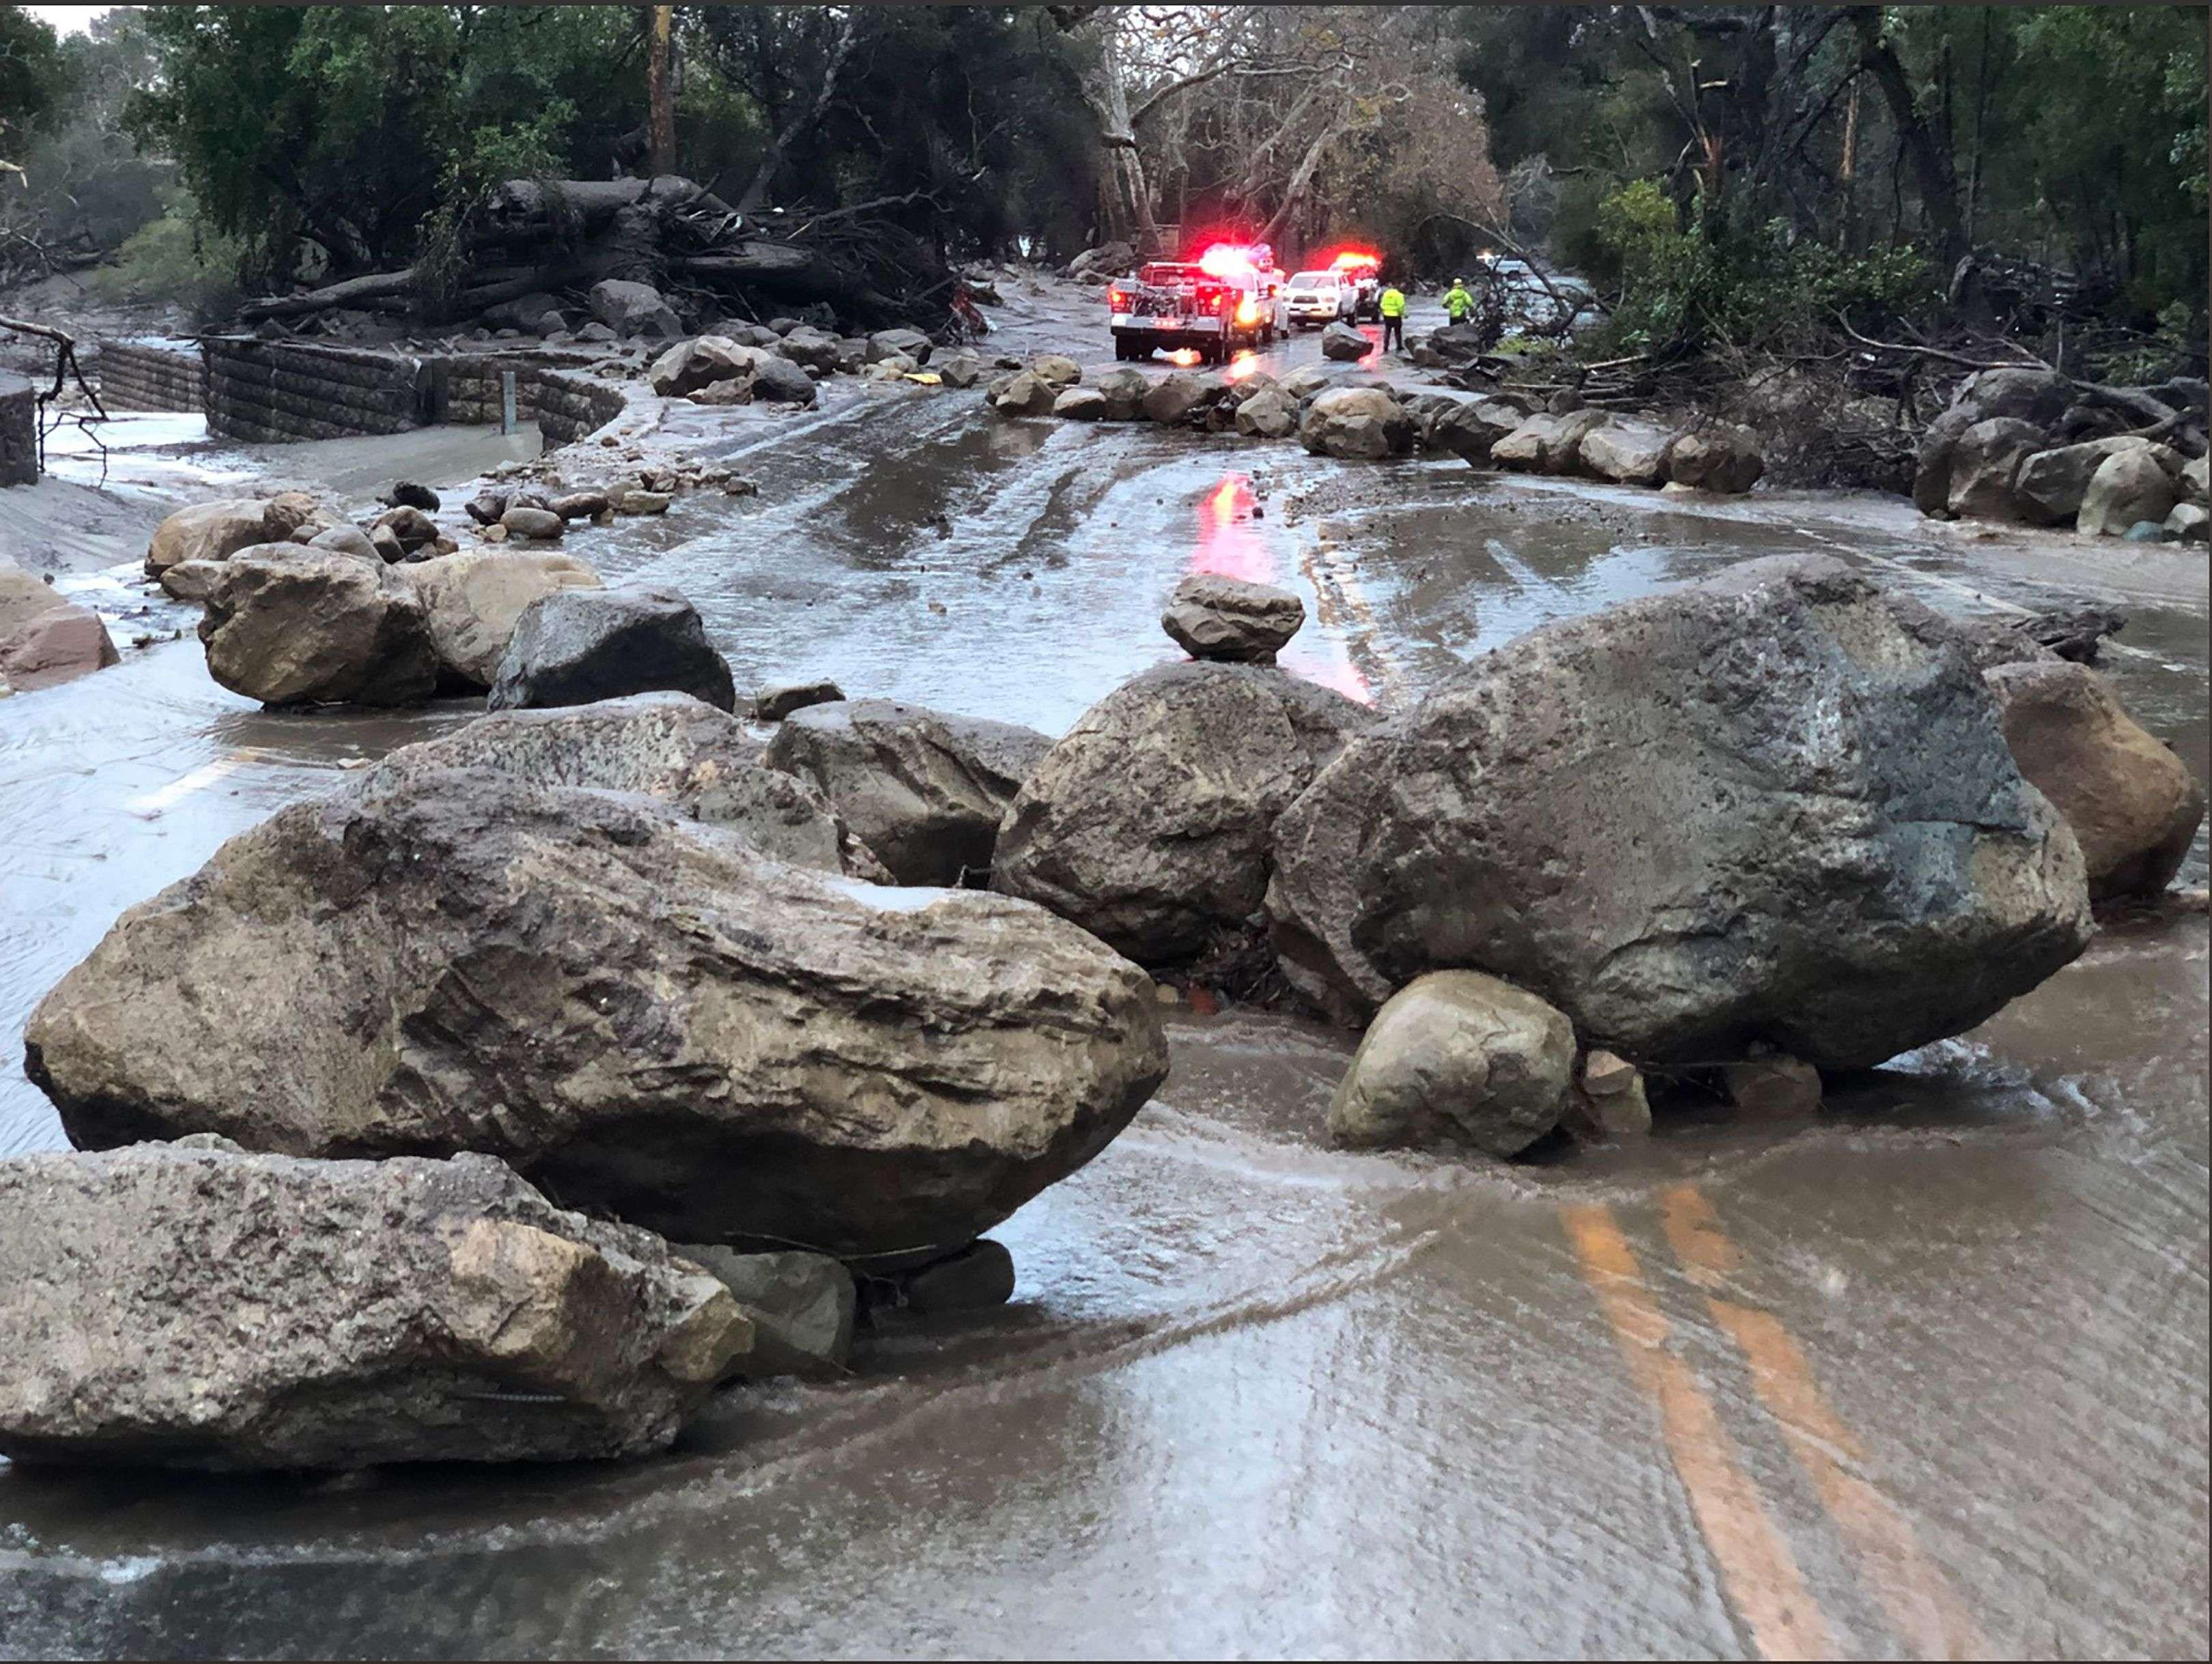 Les importants feux de forêt de décembre2017, les plus importants de l'histoire de la Californie, ont rendu la zone vulnérable aux coulées de boue.